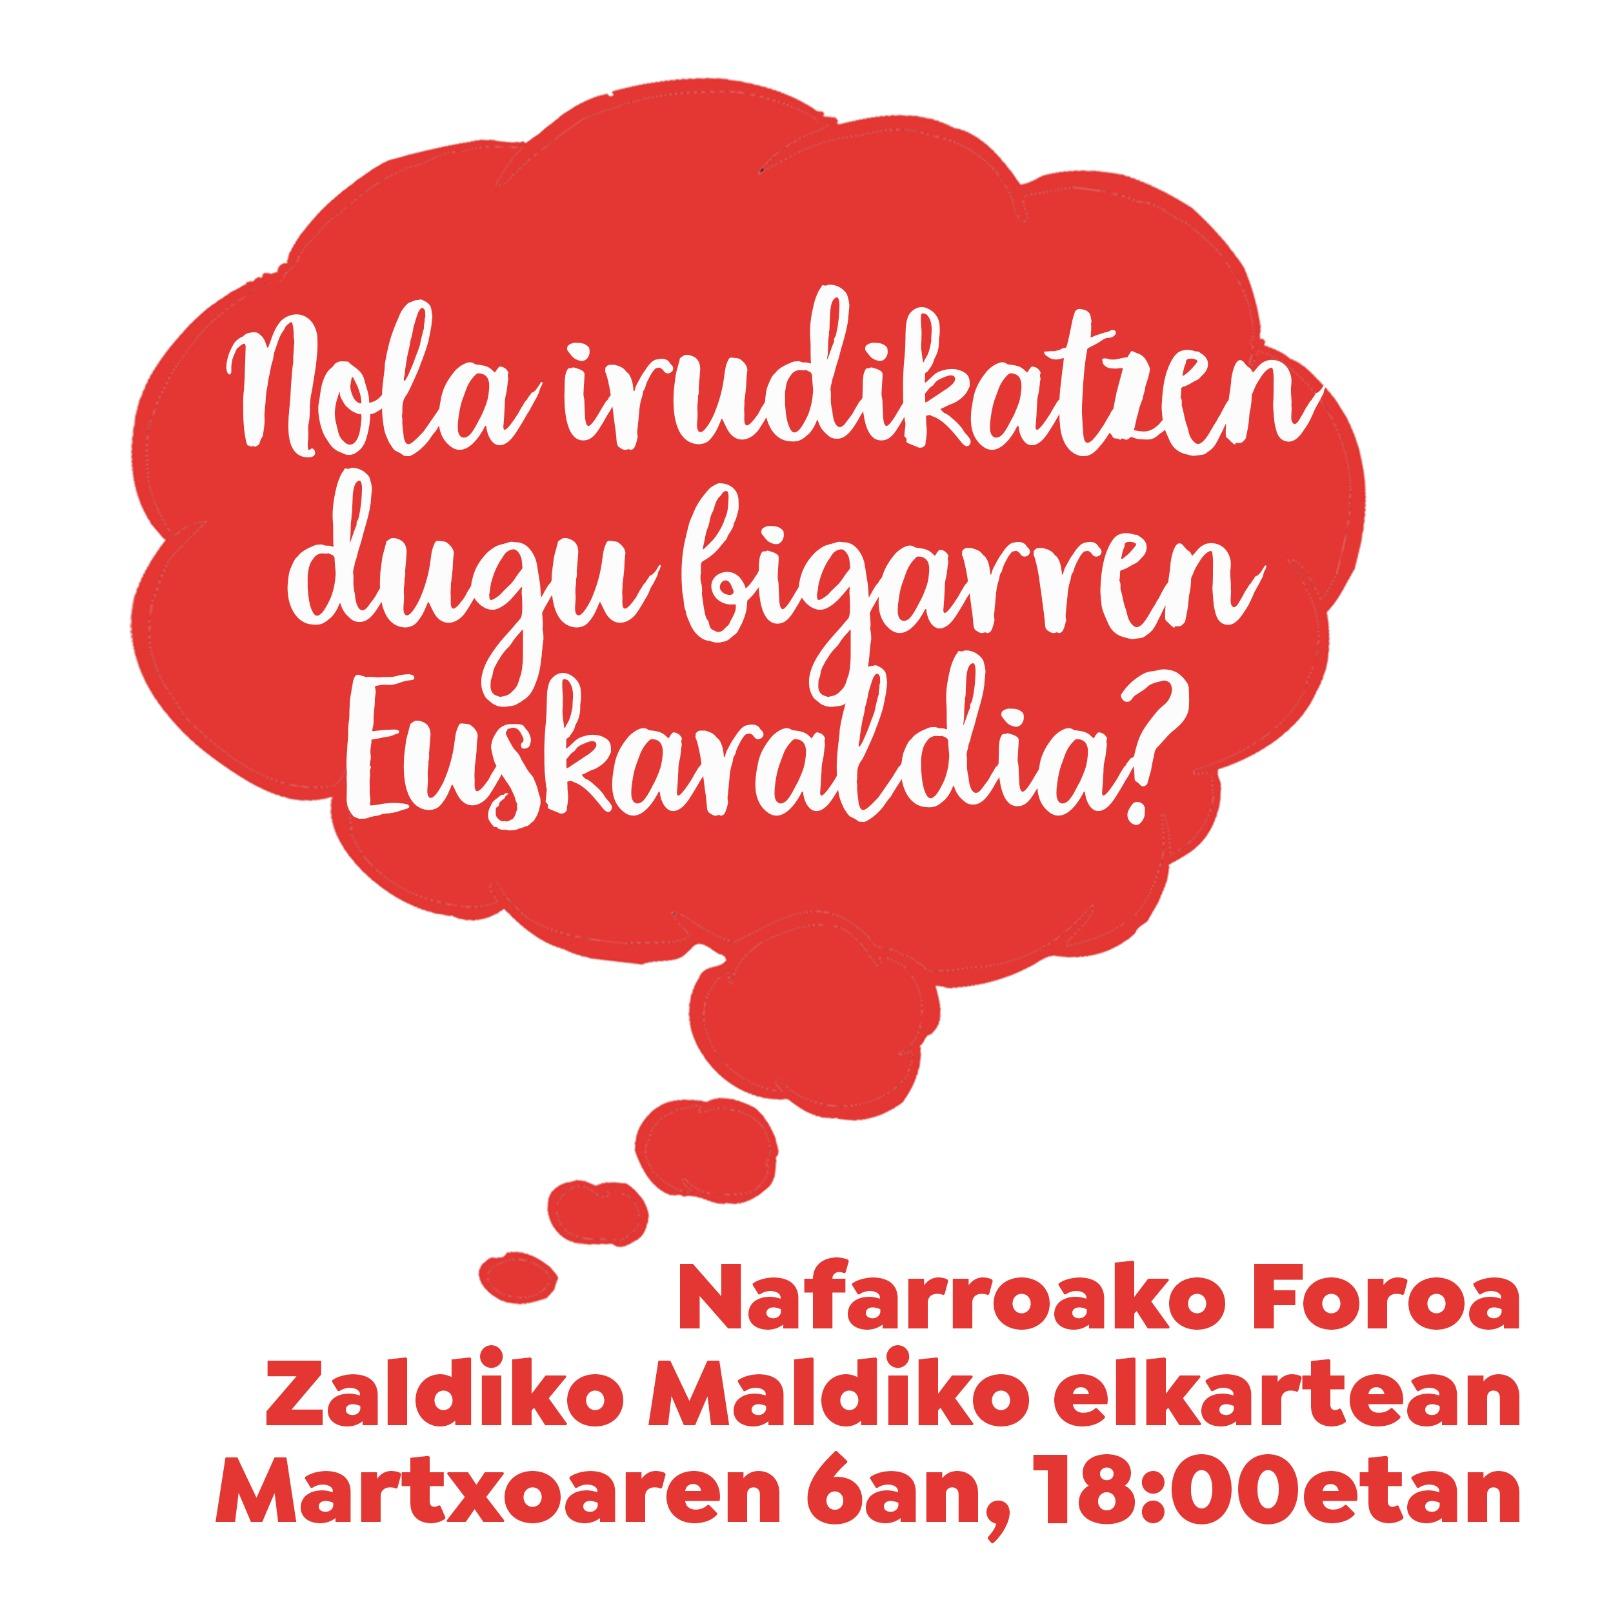 EUSKARALDIAREN AURKEZPENA @ Zaldiko Maldiko Elkartea